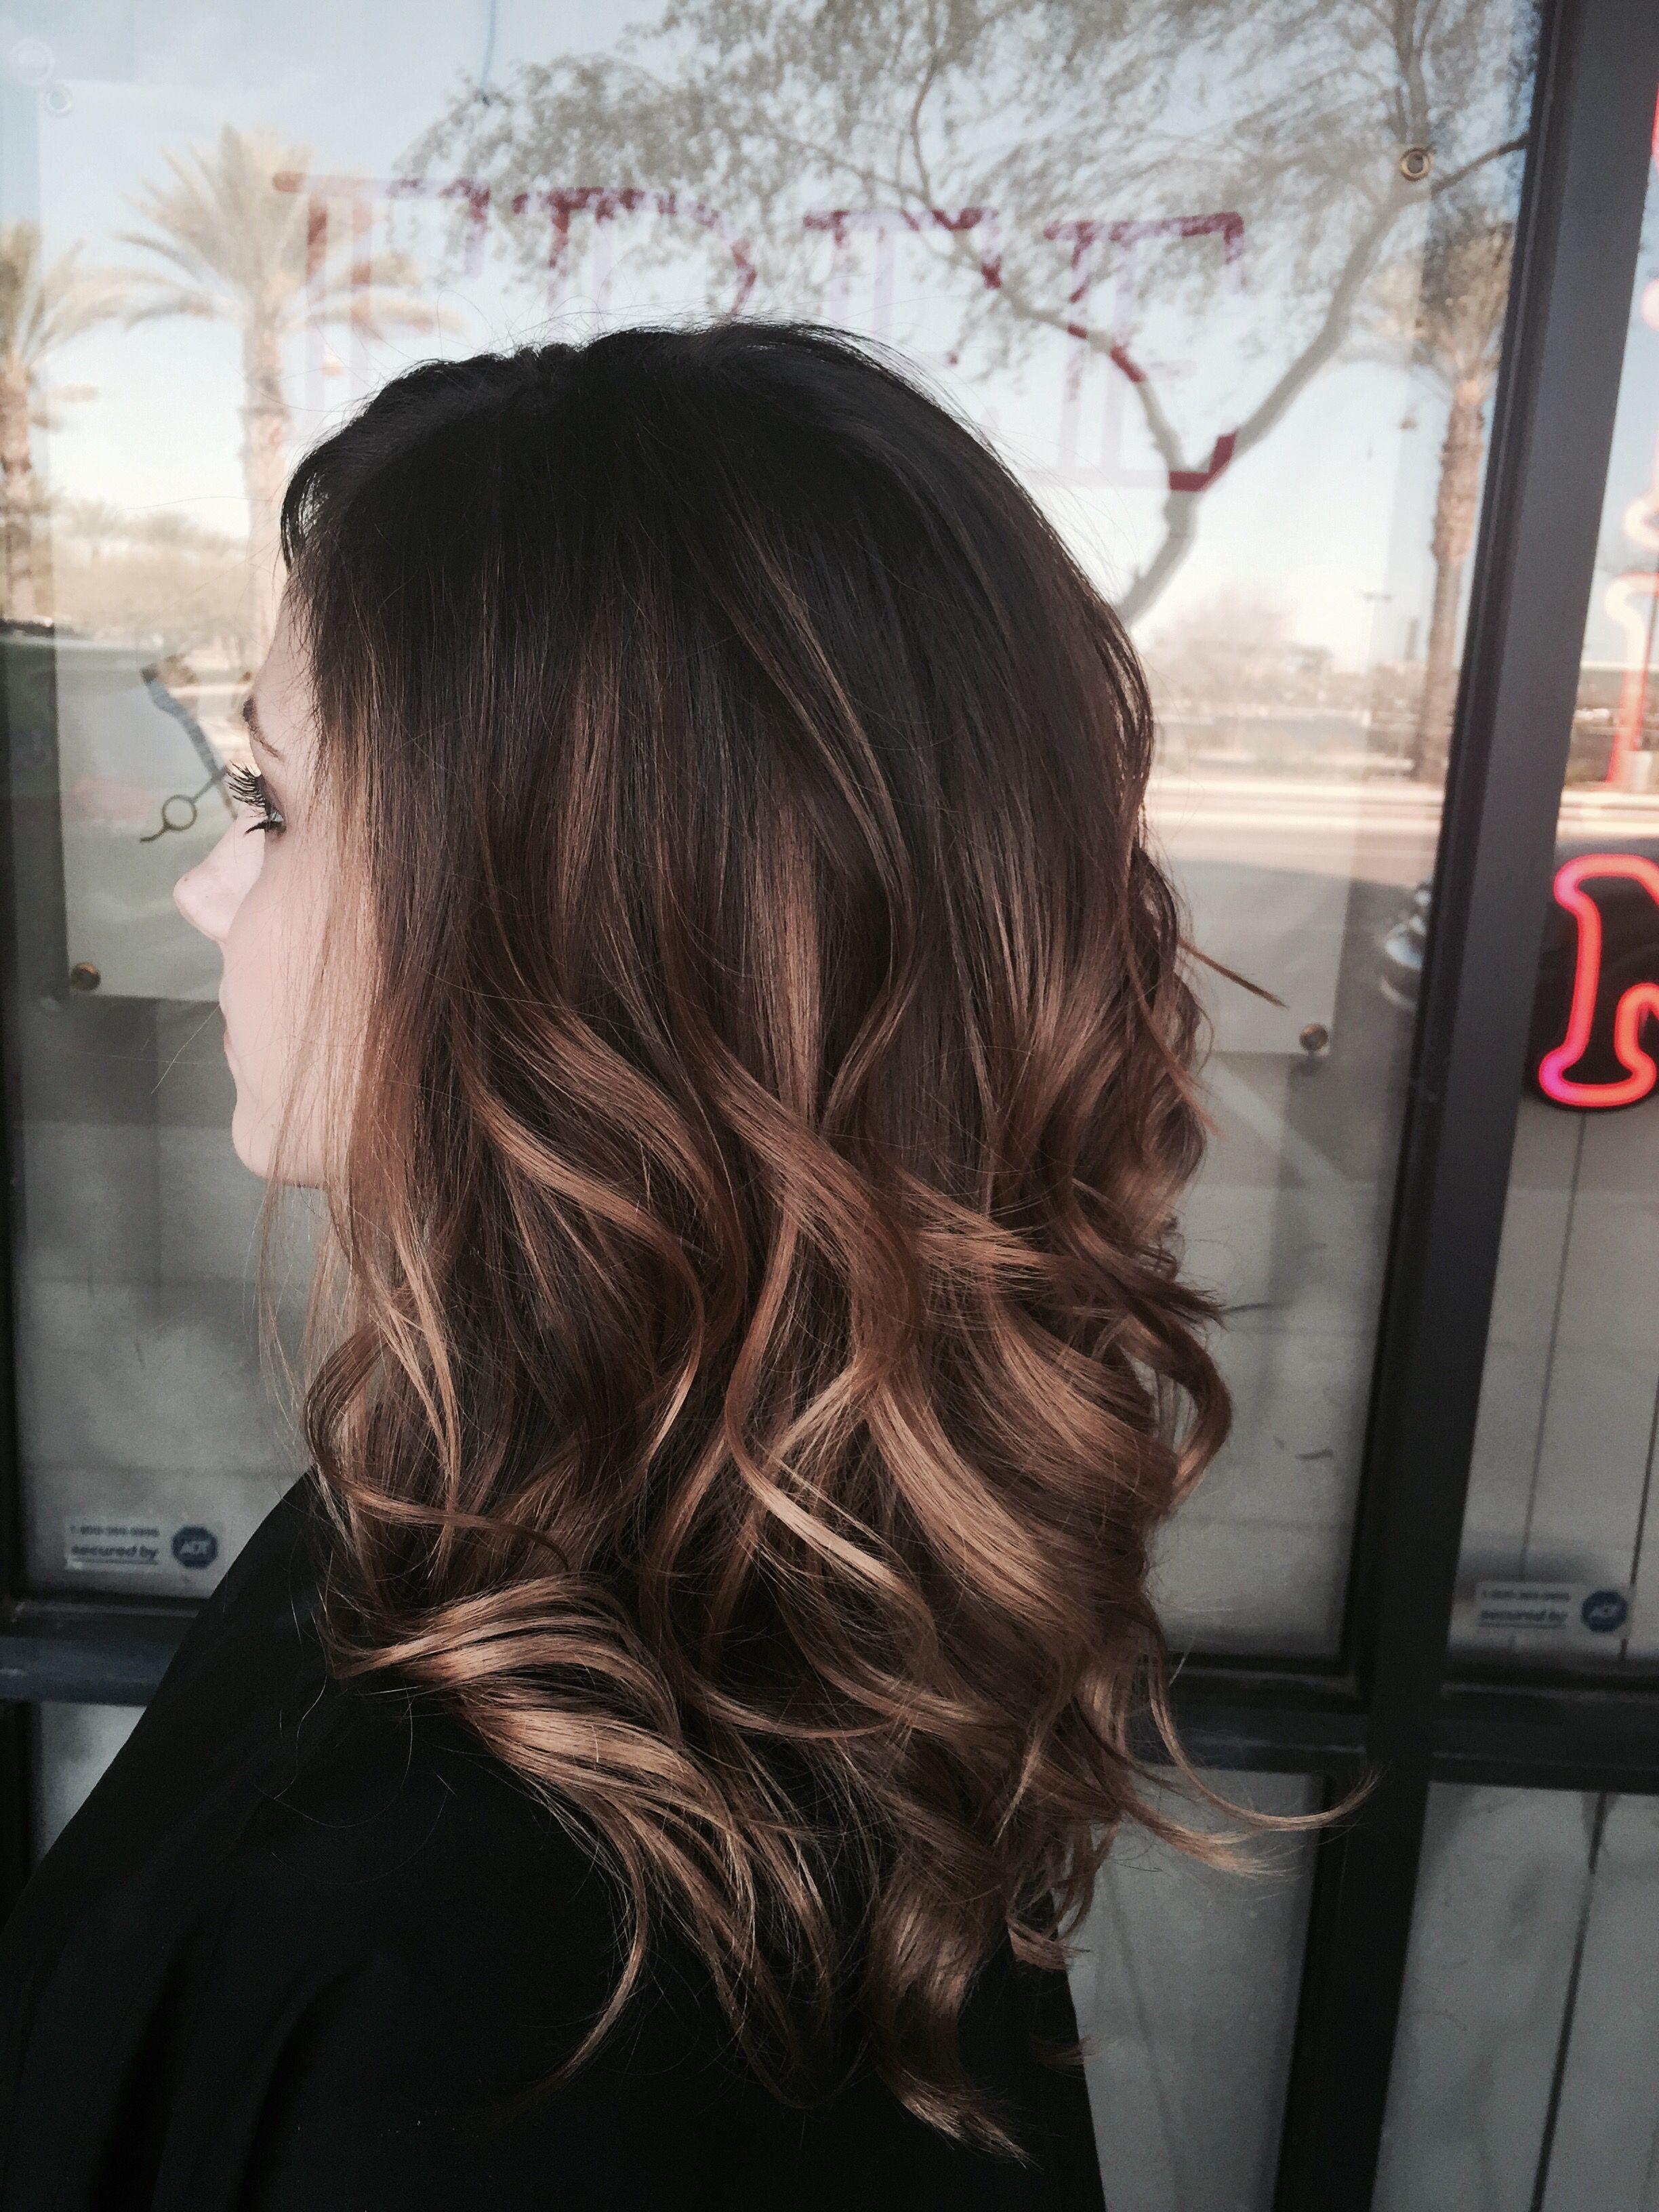 Balayage hairstyle on long hair, medium brown with blonde balayage \u2026